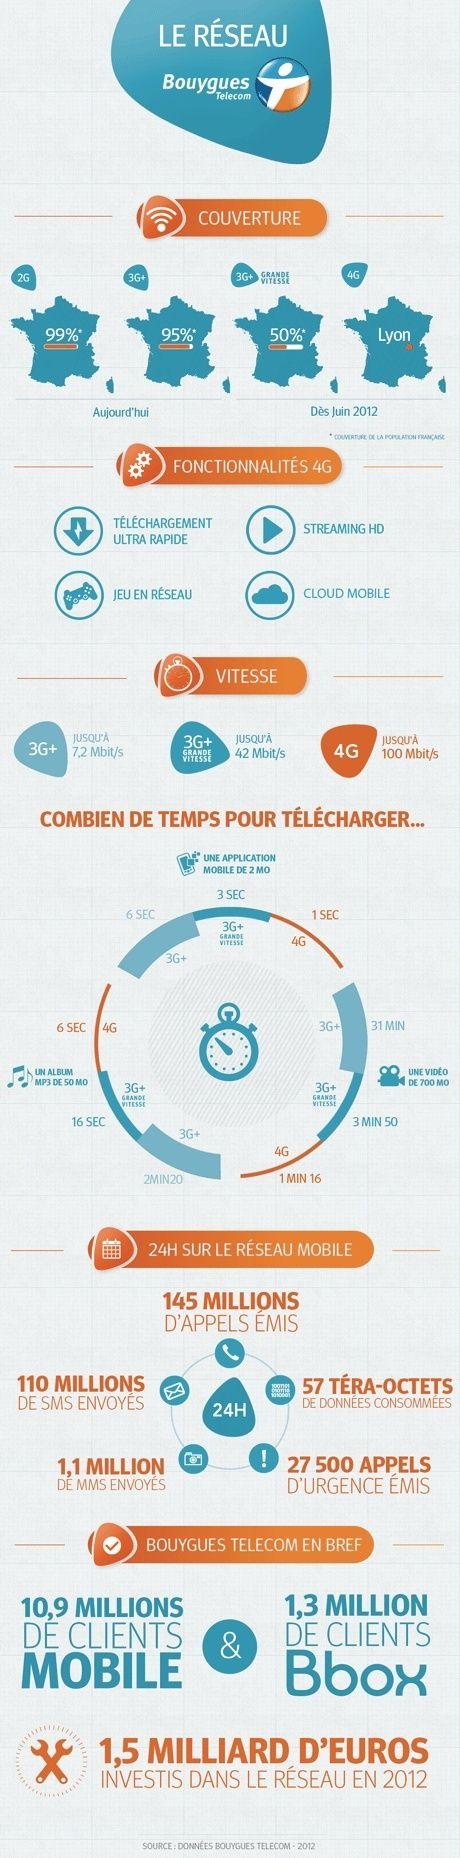 [Pratique] La 3G+ à 42 Mbit/s, oui... mais pour qui et où? I9f3o10